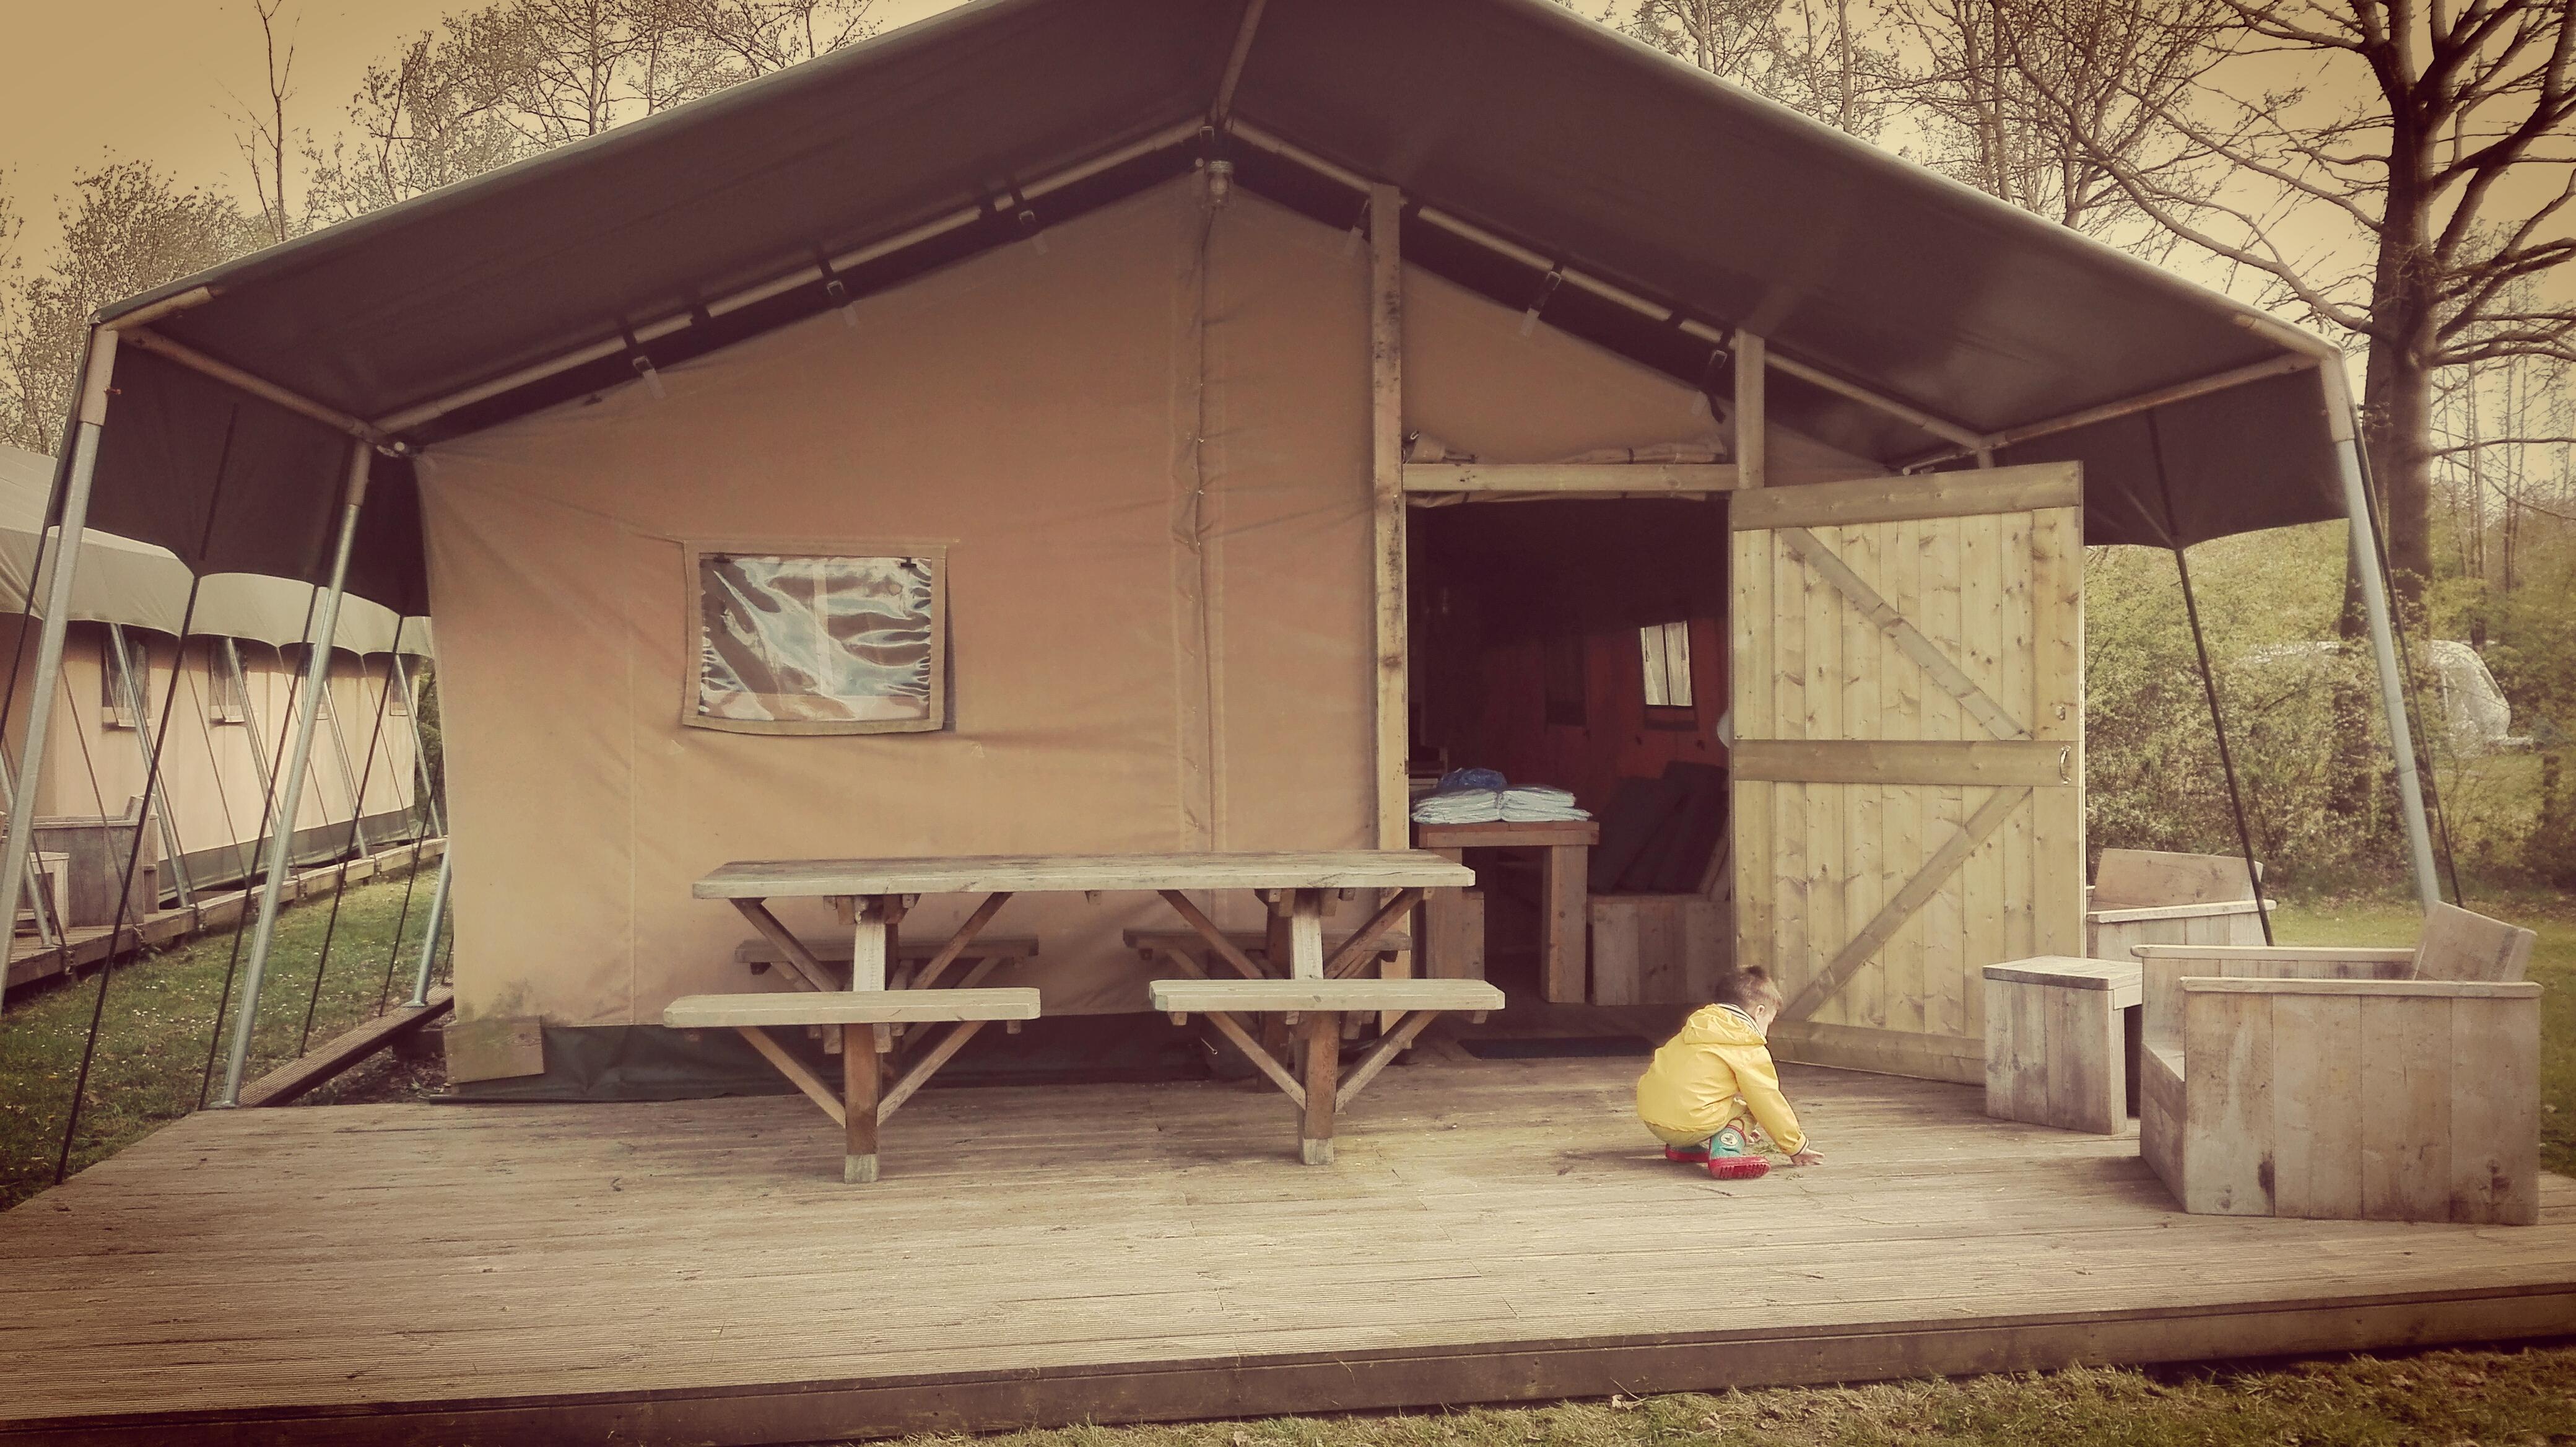 glamping - luxe kamperen - safari tent - woody - sanitair - gezellig - knus - kinderen - vriendjes - vakantie - camping - rcn - vakantiepark - zeewolde - nanny - annelon8